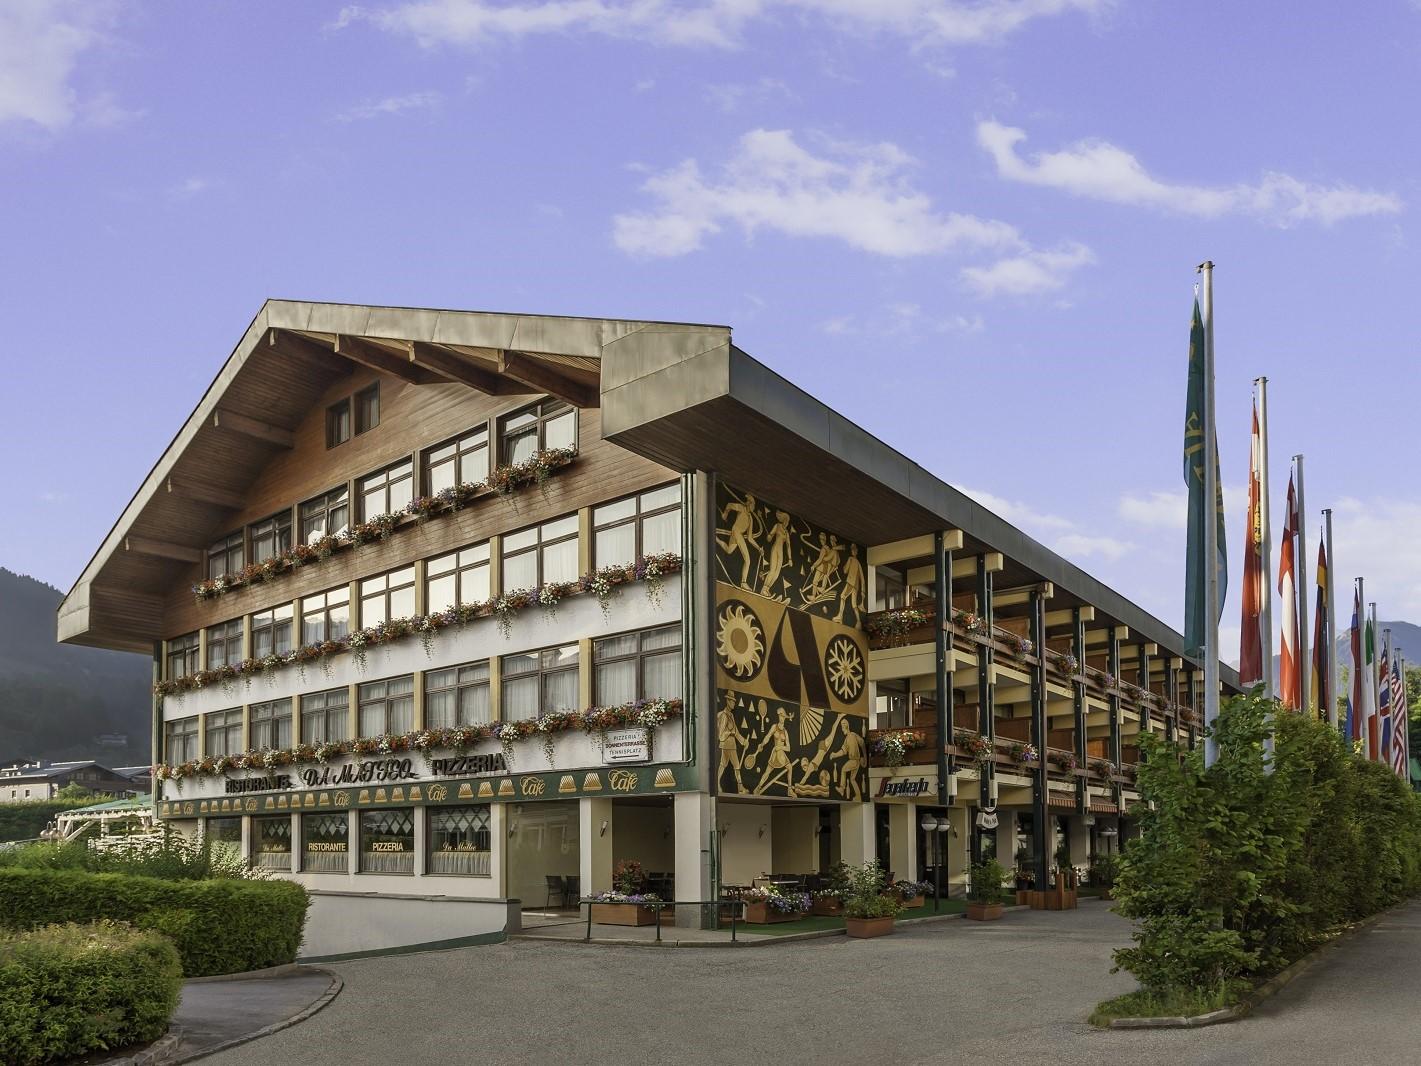 Das beitune Partnerhotel Alpenland im Salzburger Land gehört zu unseren Hotels auf der Genusstour Achensee-Venedig